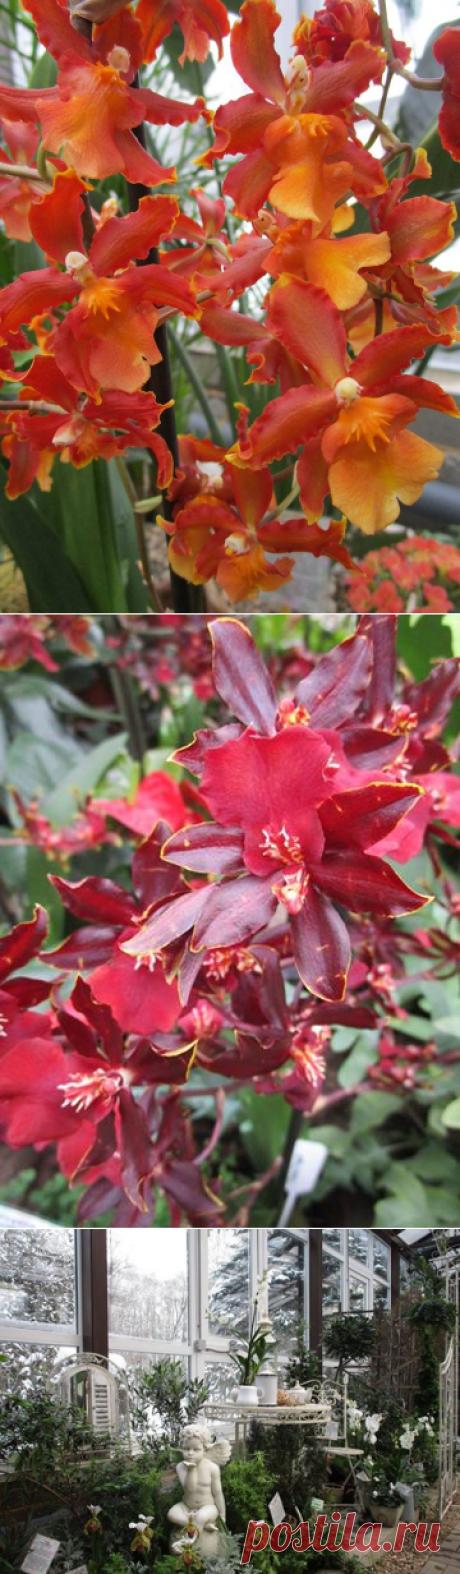 Ботанический сад • Тверь - Публикации